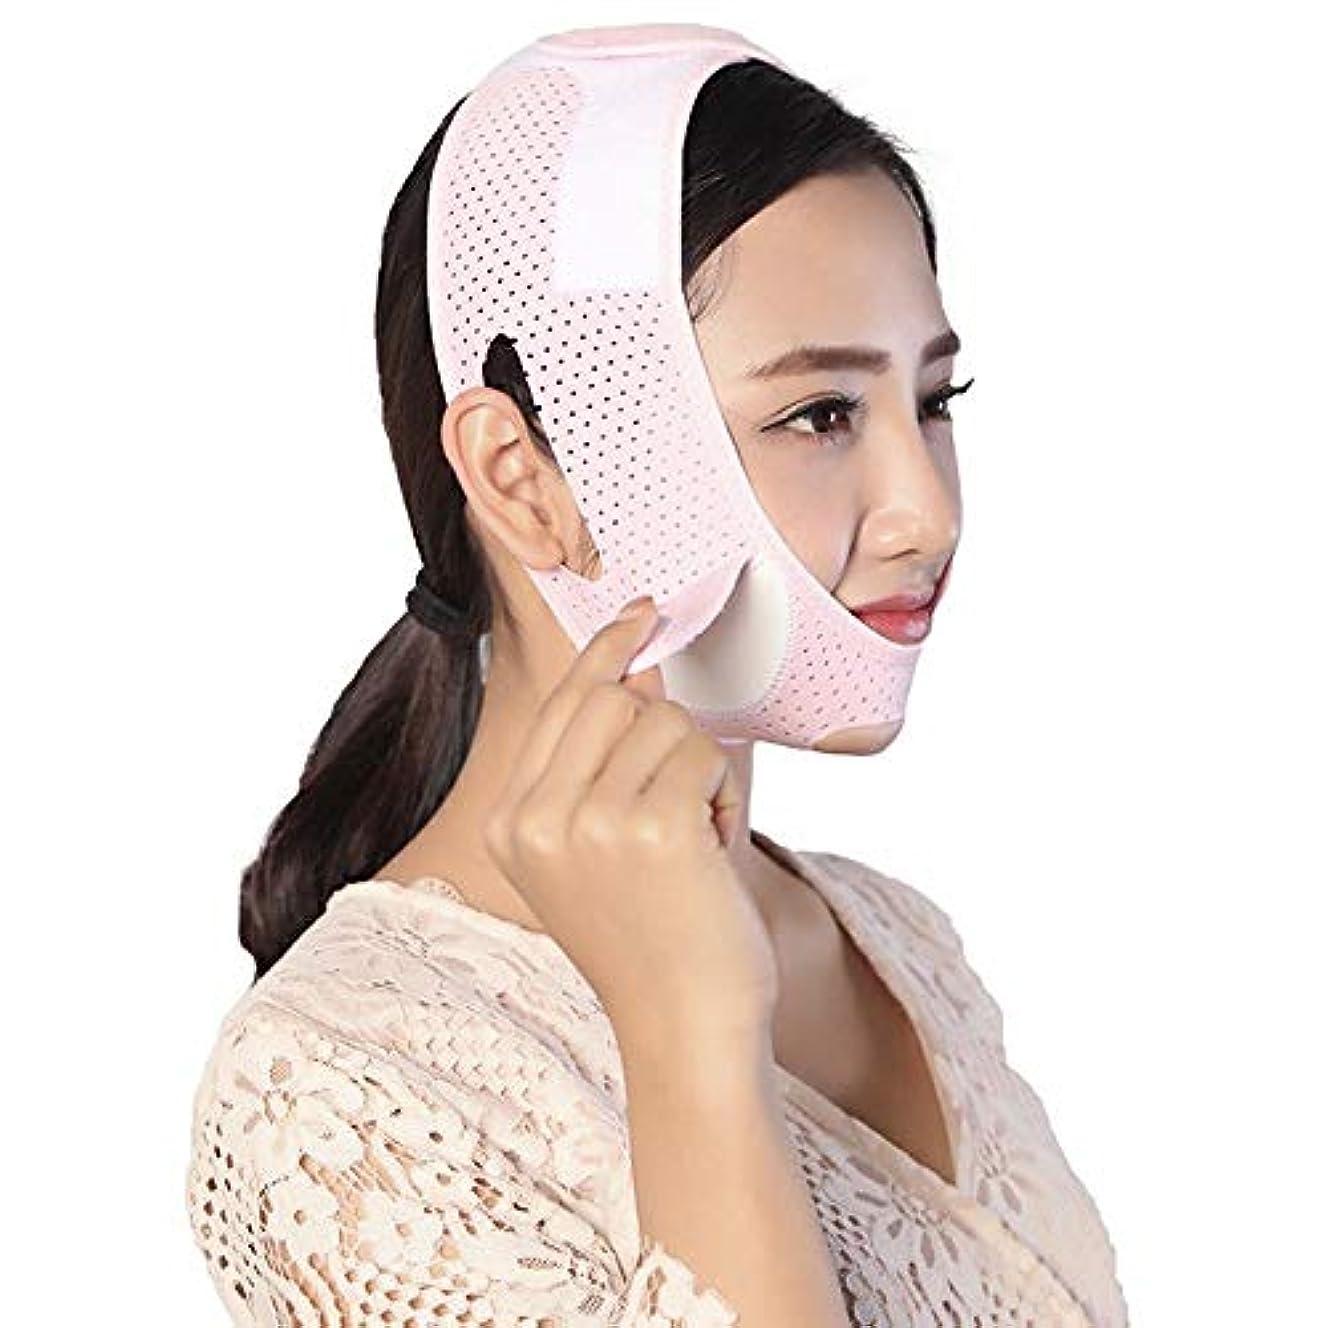 ベギン広範囲に赤ちゃんフェイシャルリフティング痩身ベルト - 圧縮二重あご減量ベルトスキンケア薄い顔包帯